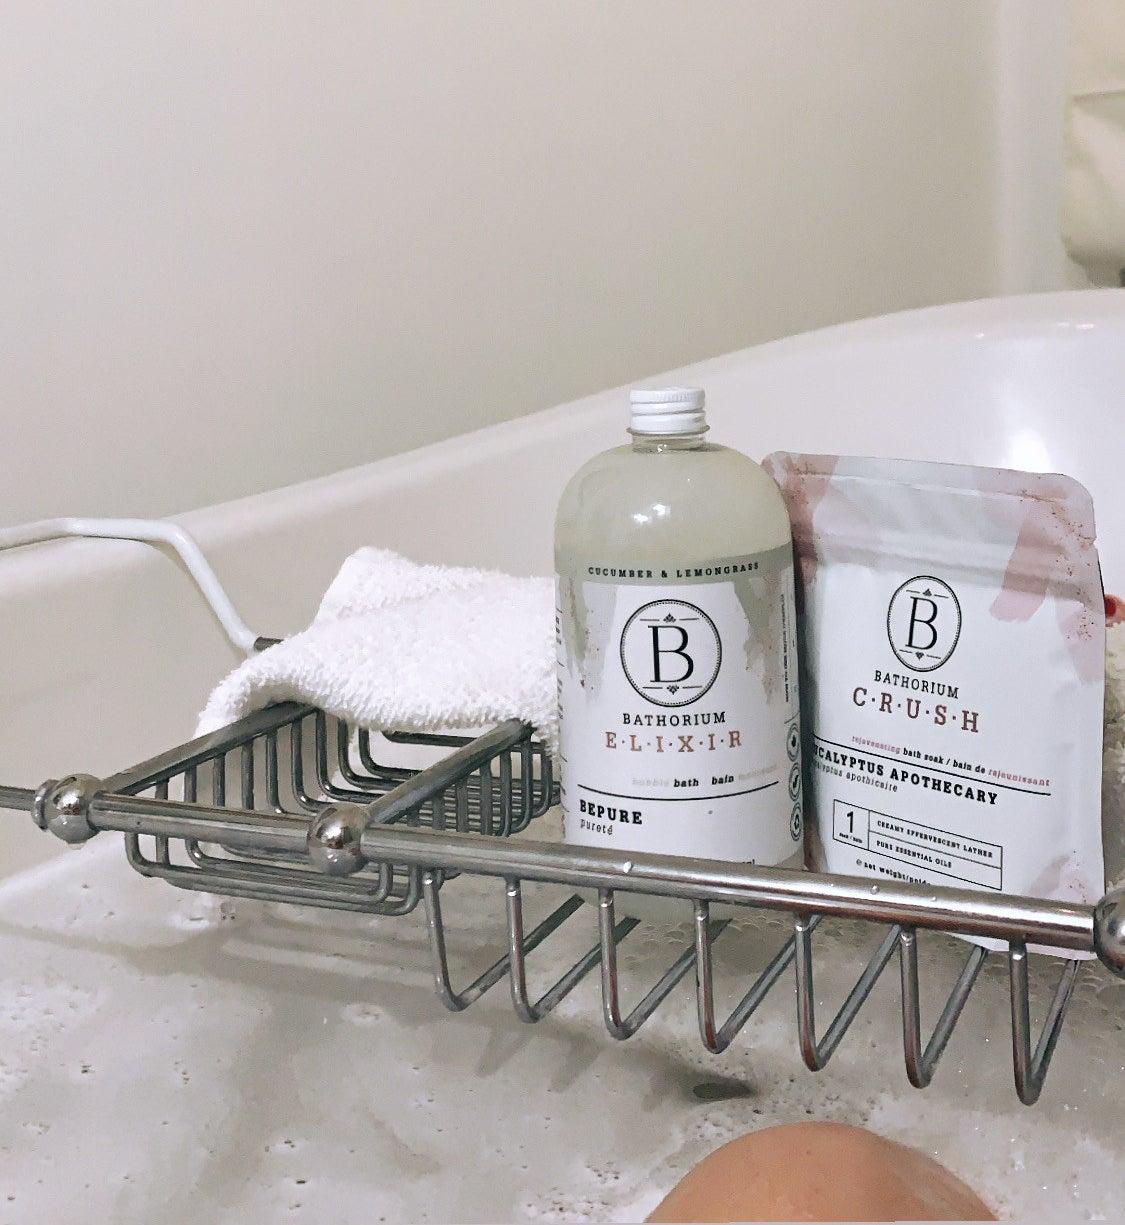 Bathorium products on a bath caddy